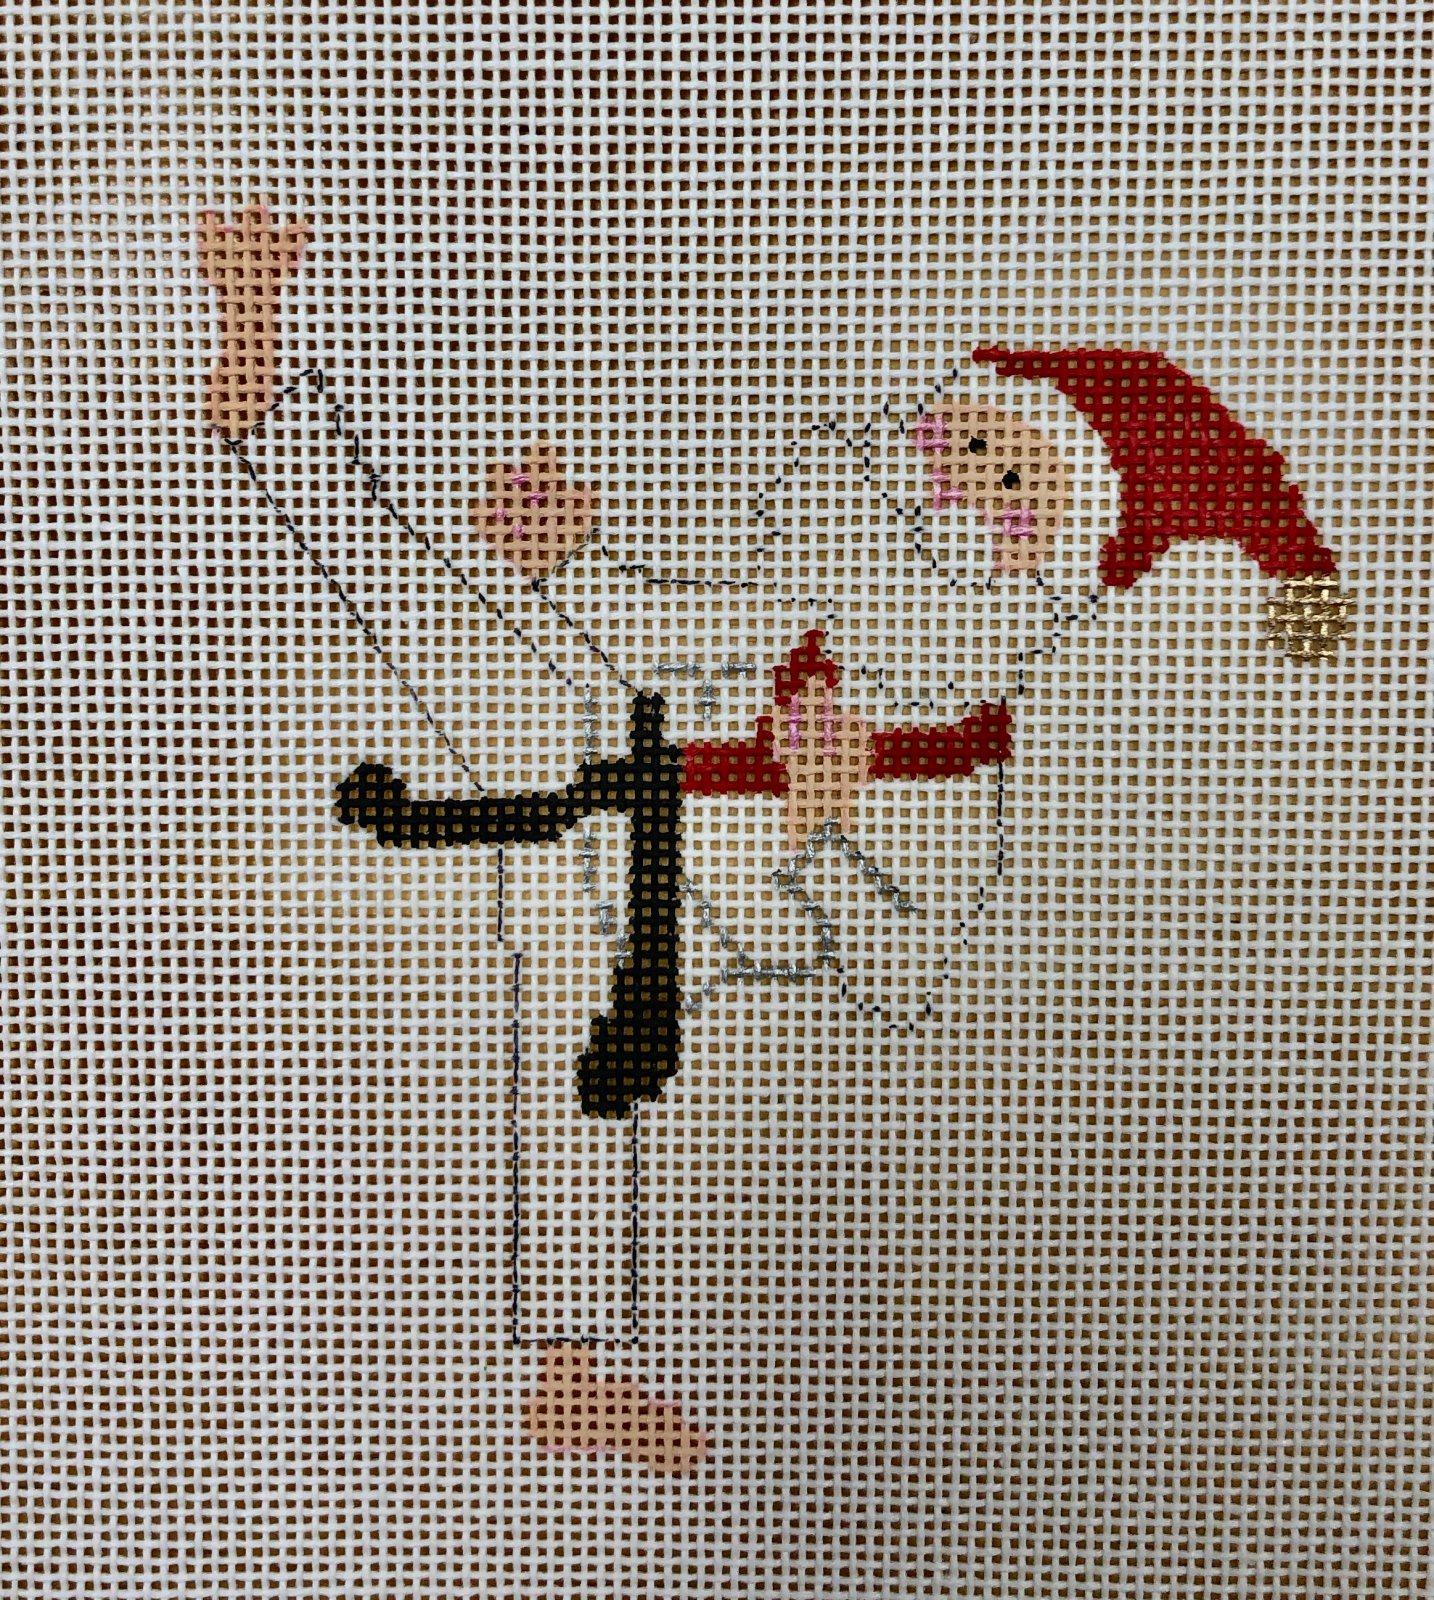 karate santa w stitch guide